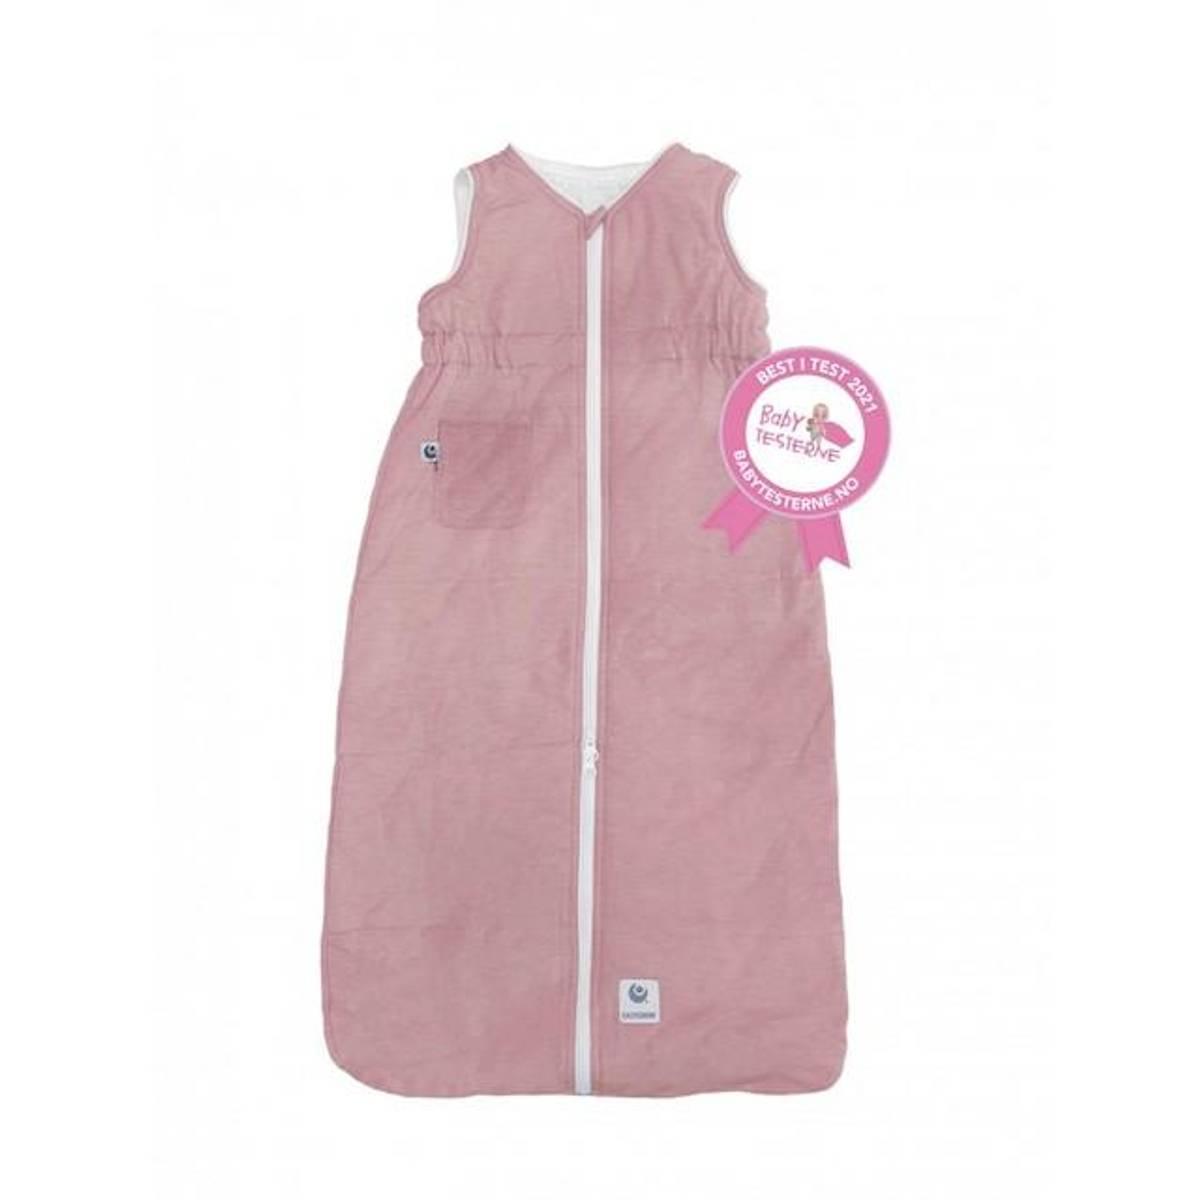 Easygrow Night bag 12-36m pink